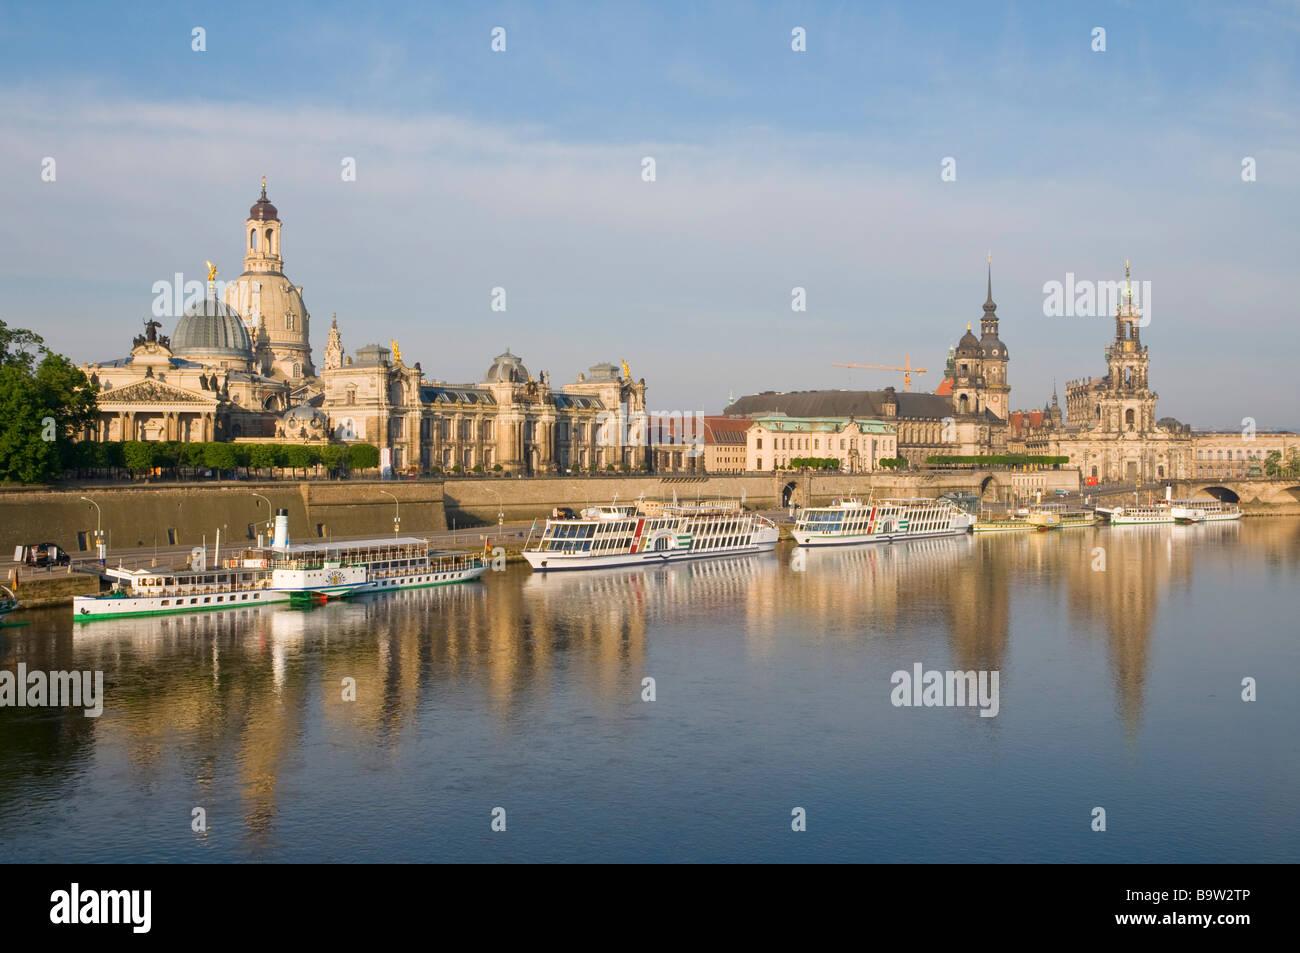 Blick über die Elbe auf barocke Altstadt historische Kulisse Brühlsche Terrasse Schaufelraddampfer Dresden - Stock Image